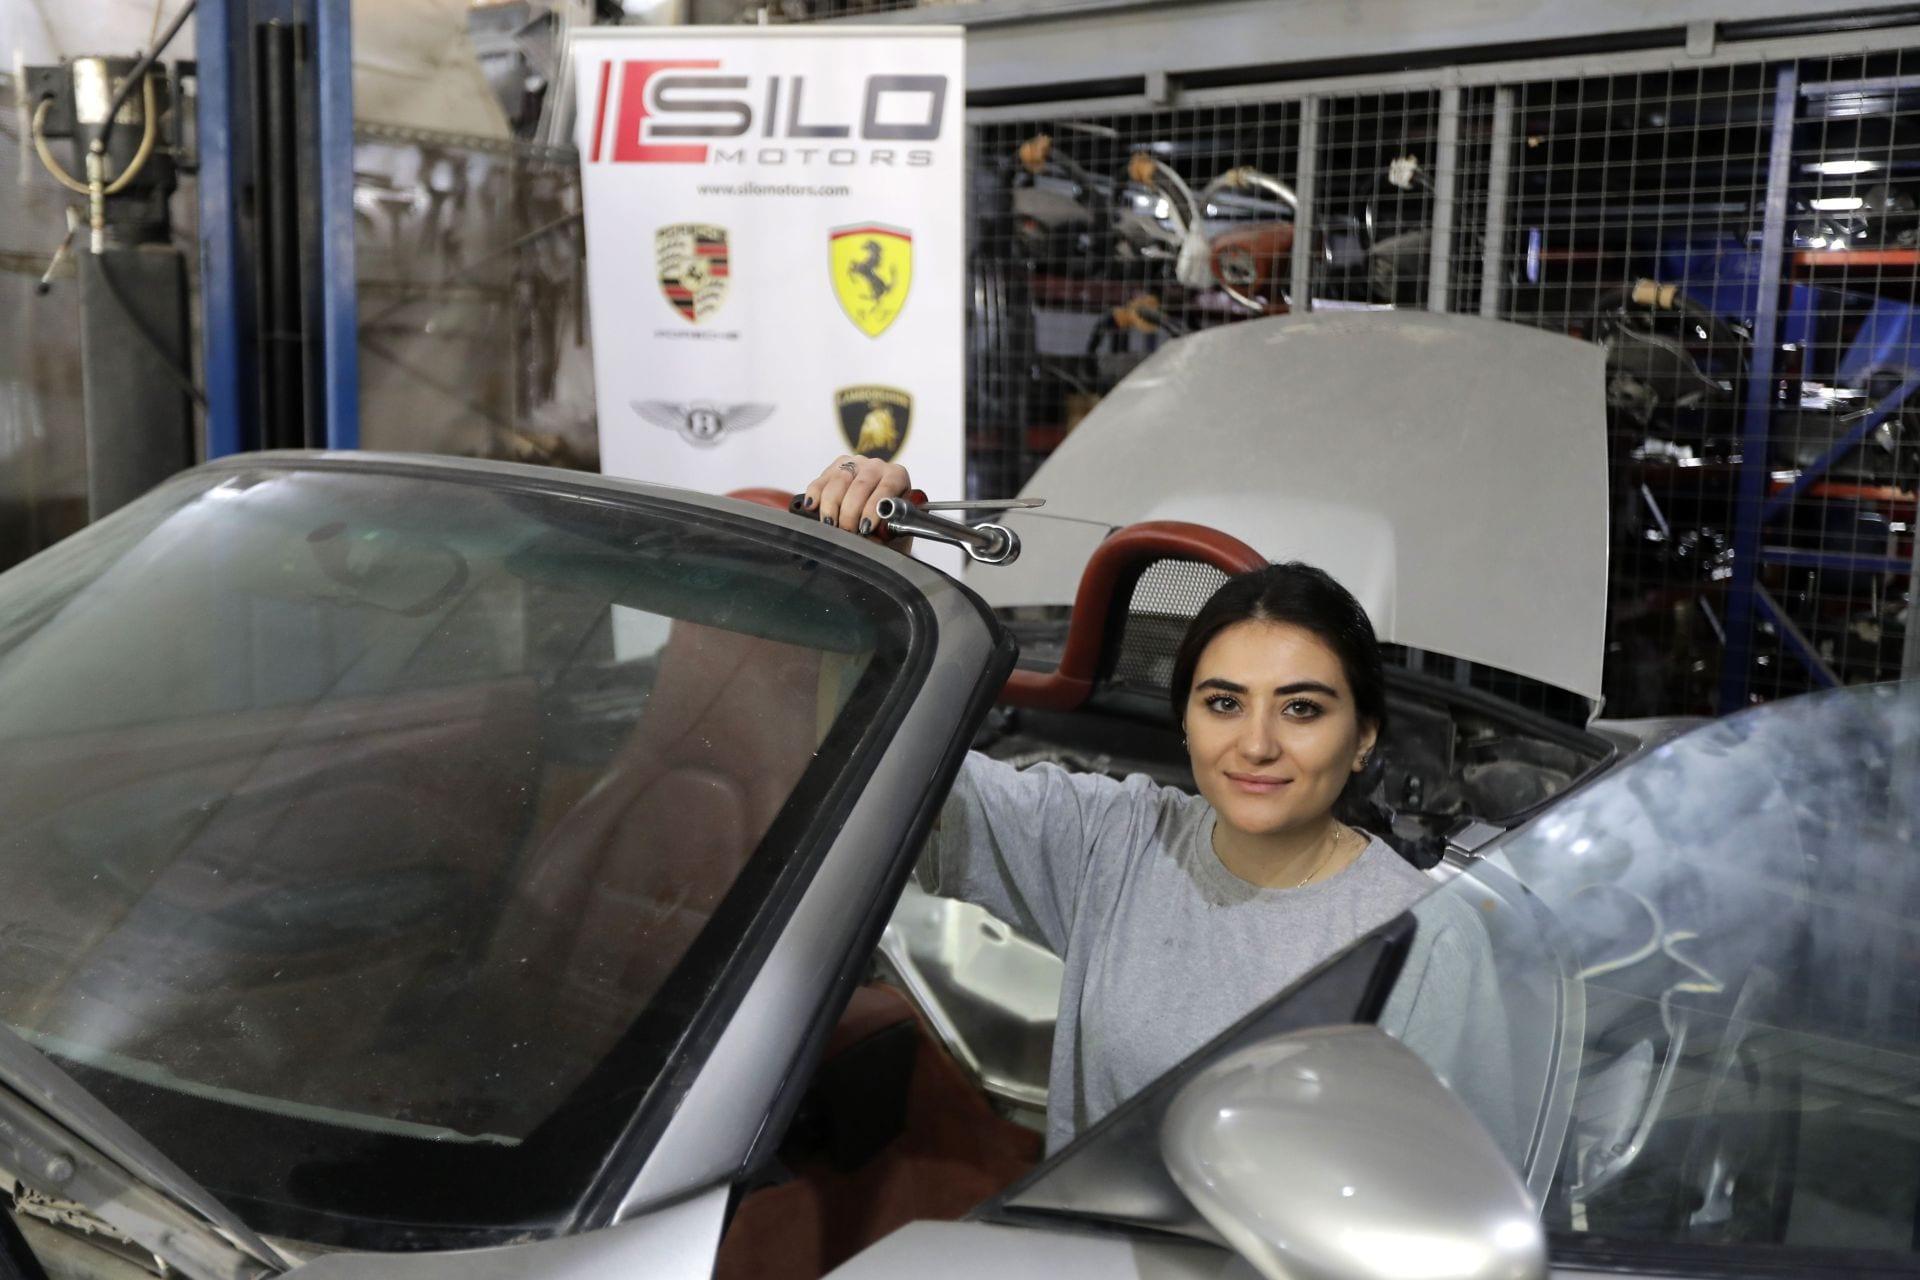 Thợ sửa xe nữ hiếm hoi, xinh đẹp gây chú ý ở đất nước Lebanon - 3